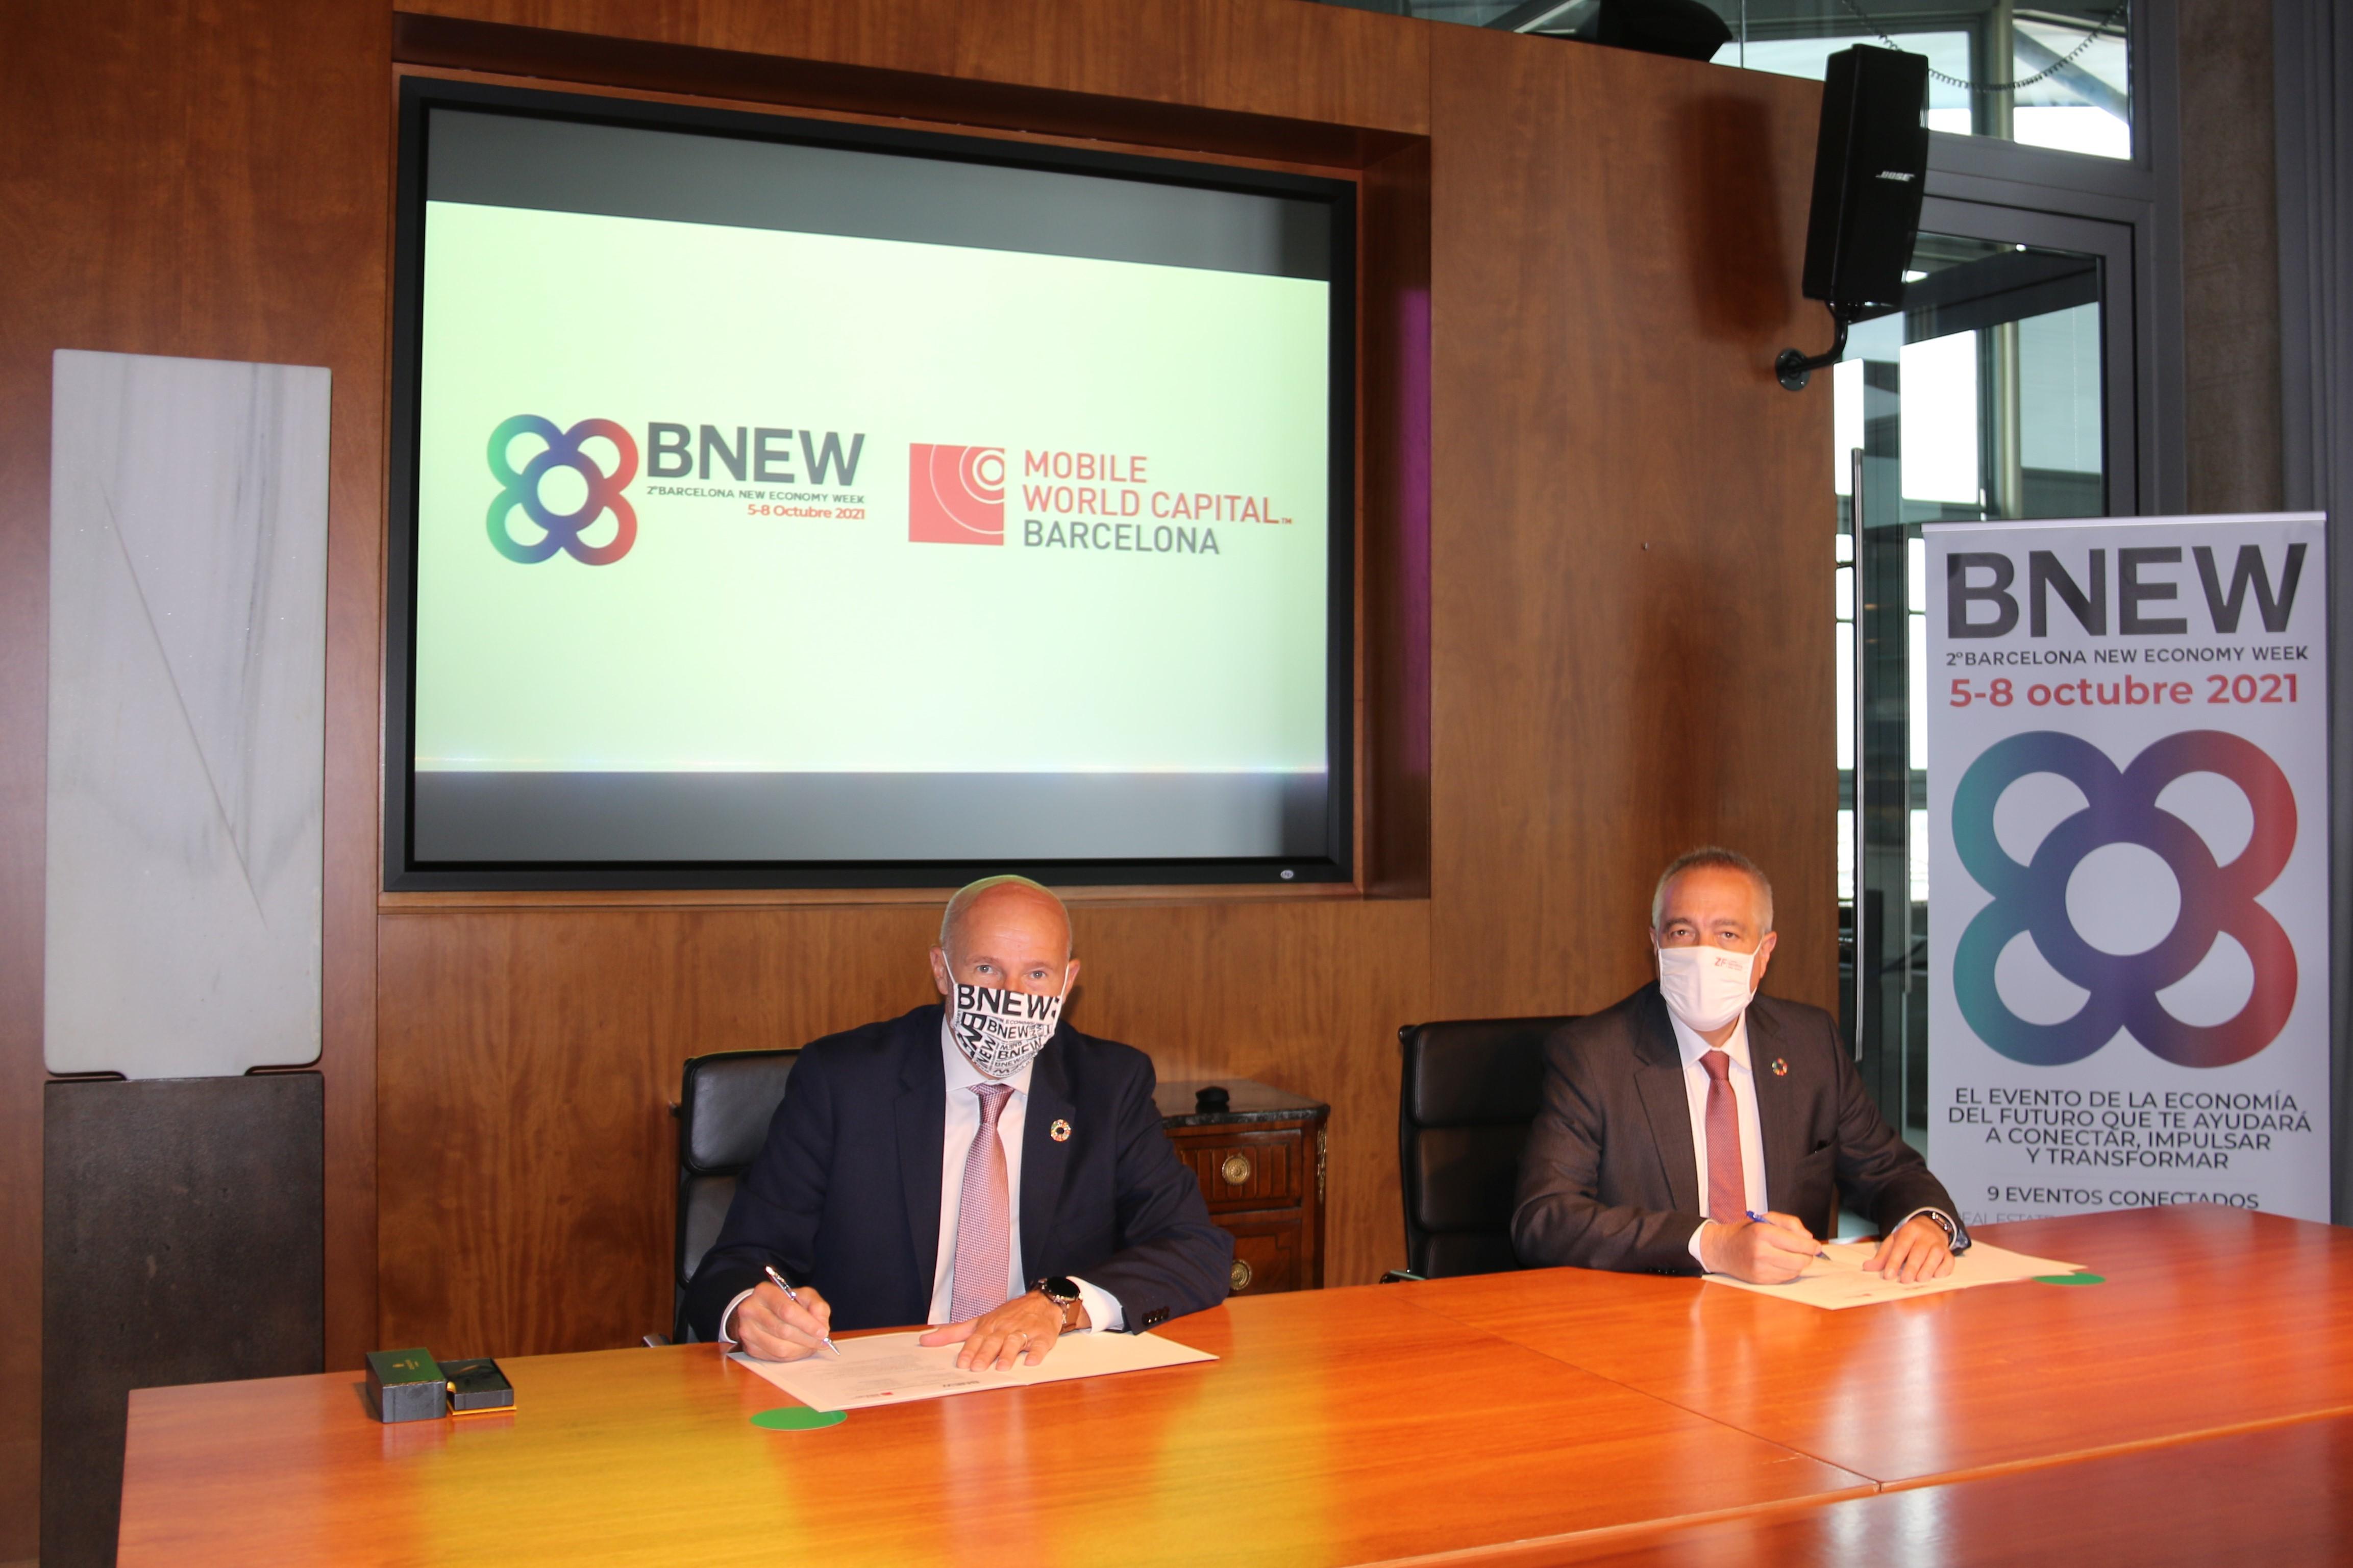 Mobile World Capital Barcelona refuerza su compromiso con la segunda edición de BNEW